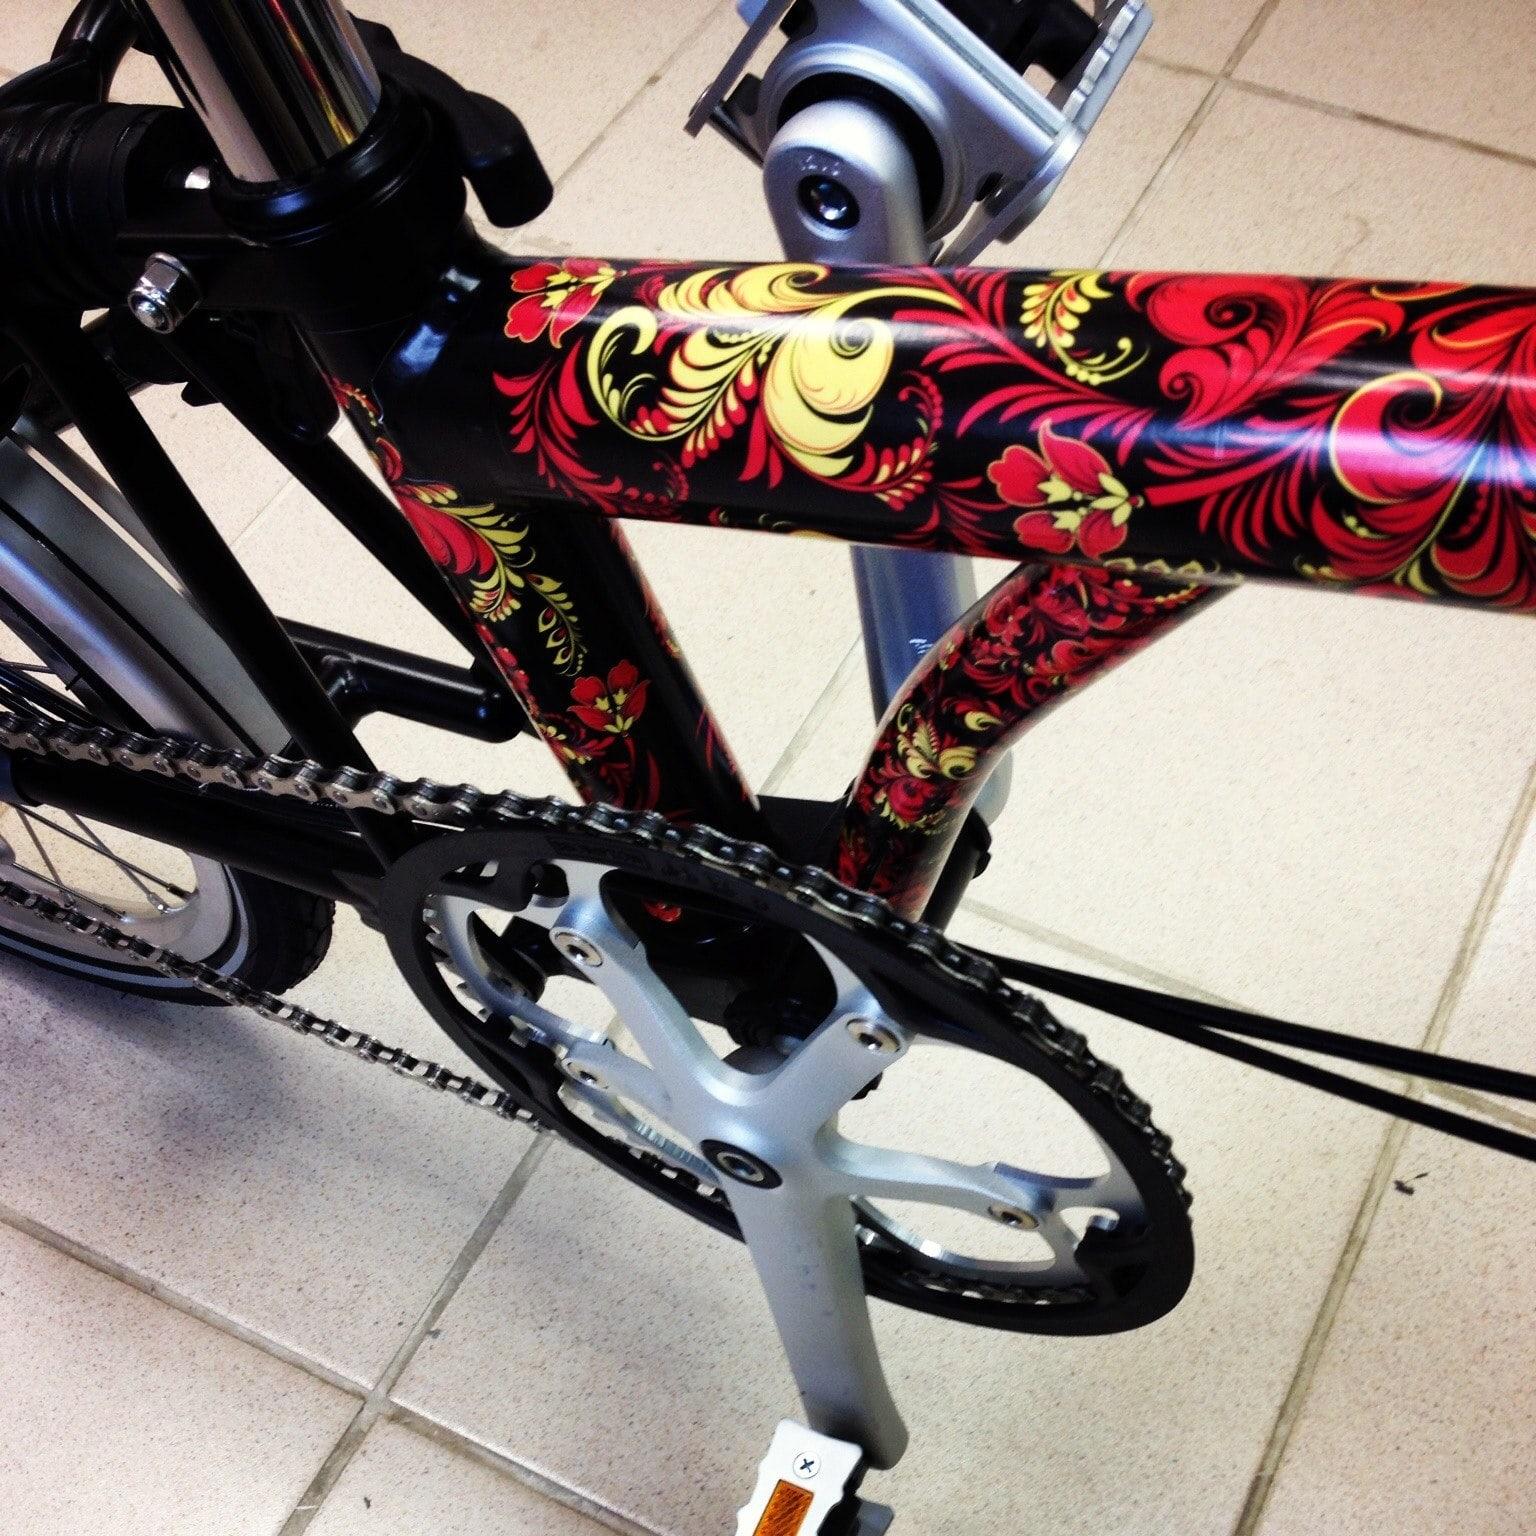 Оклейка велосипеда своими руками 11